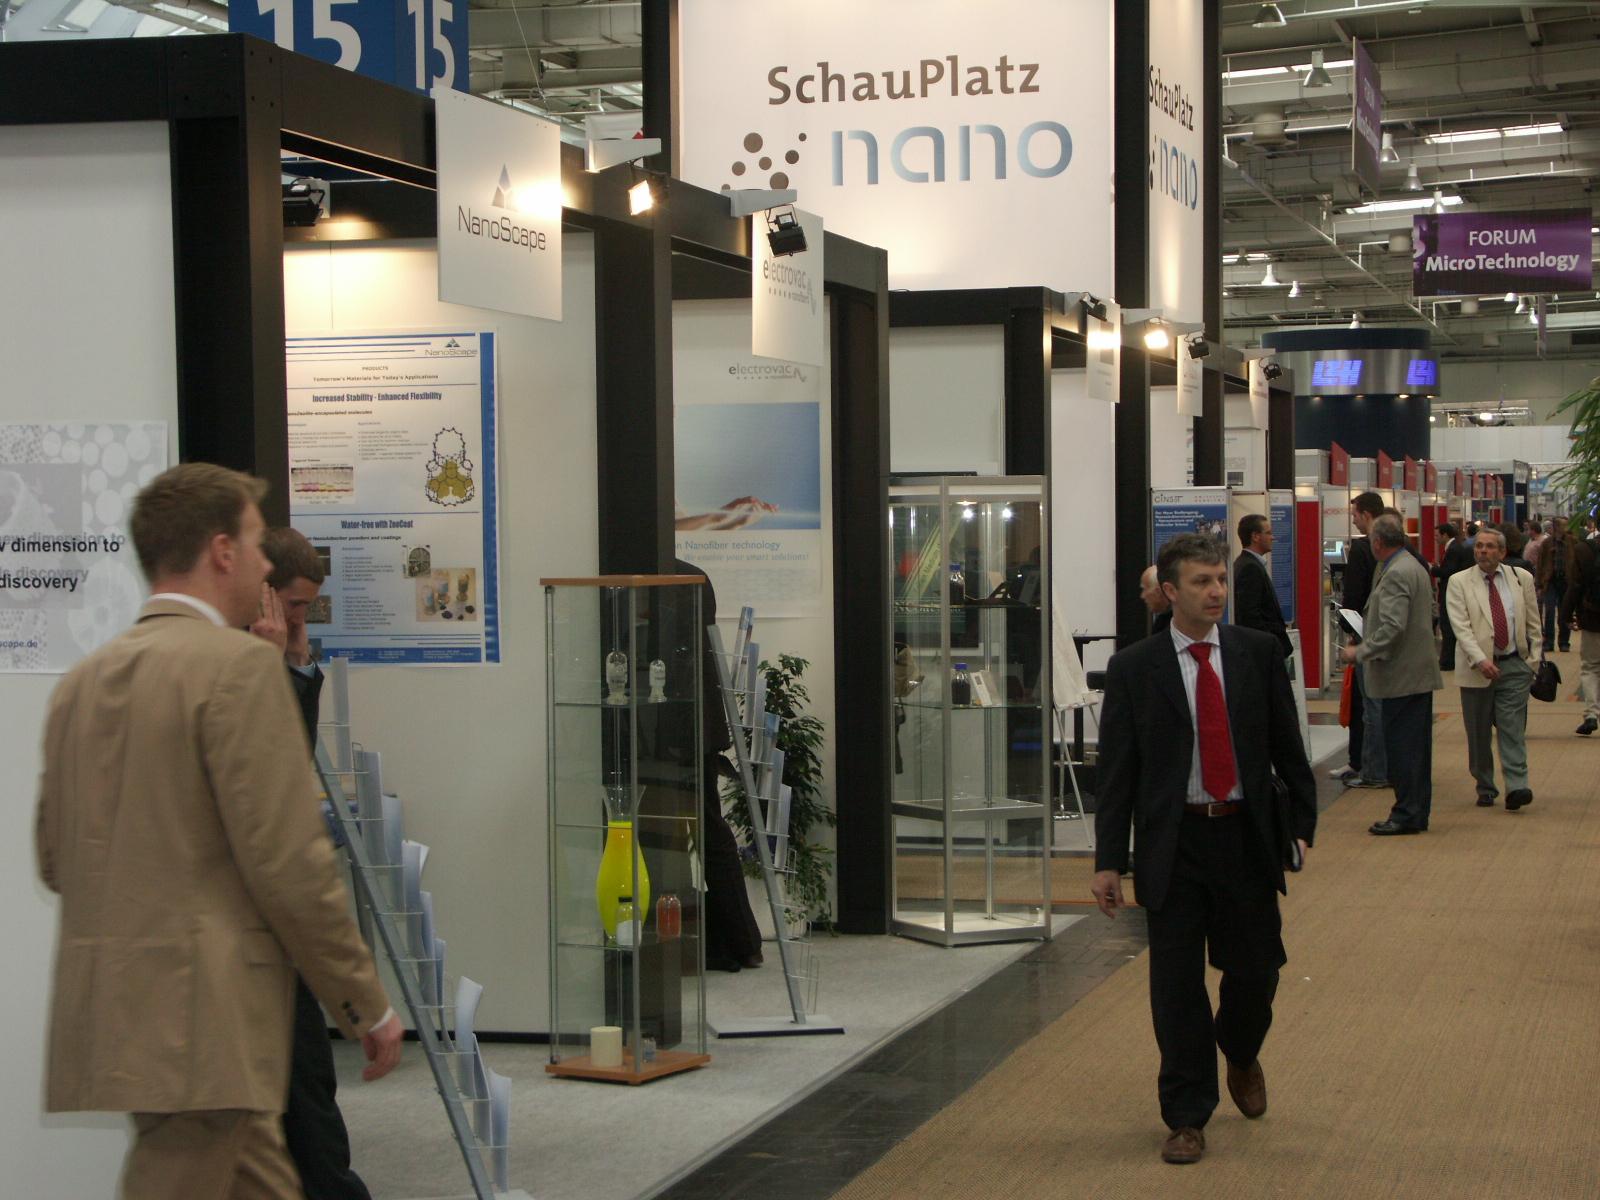 SchauPlatz_NANO